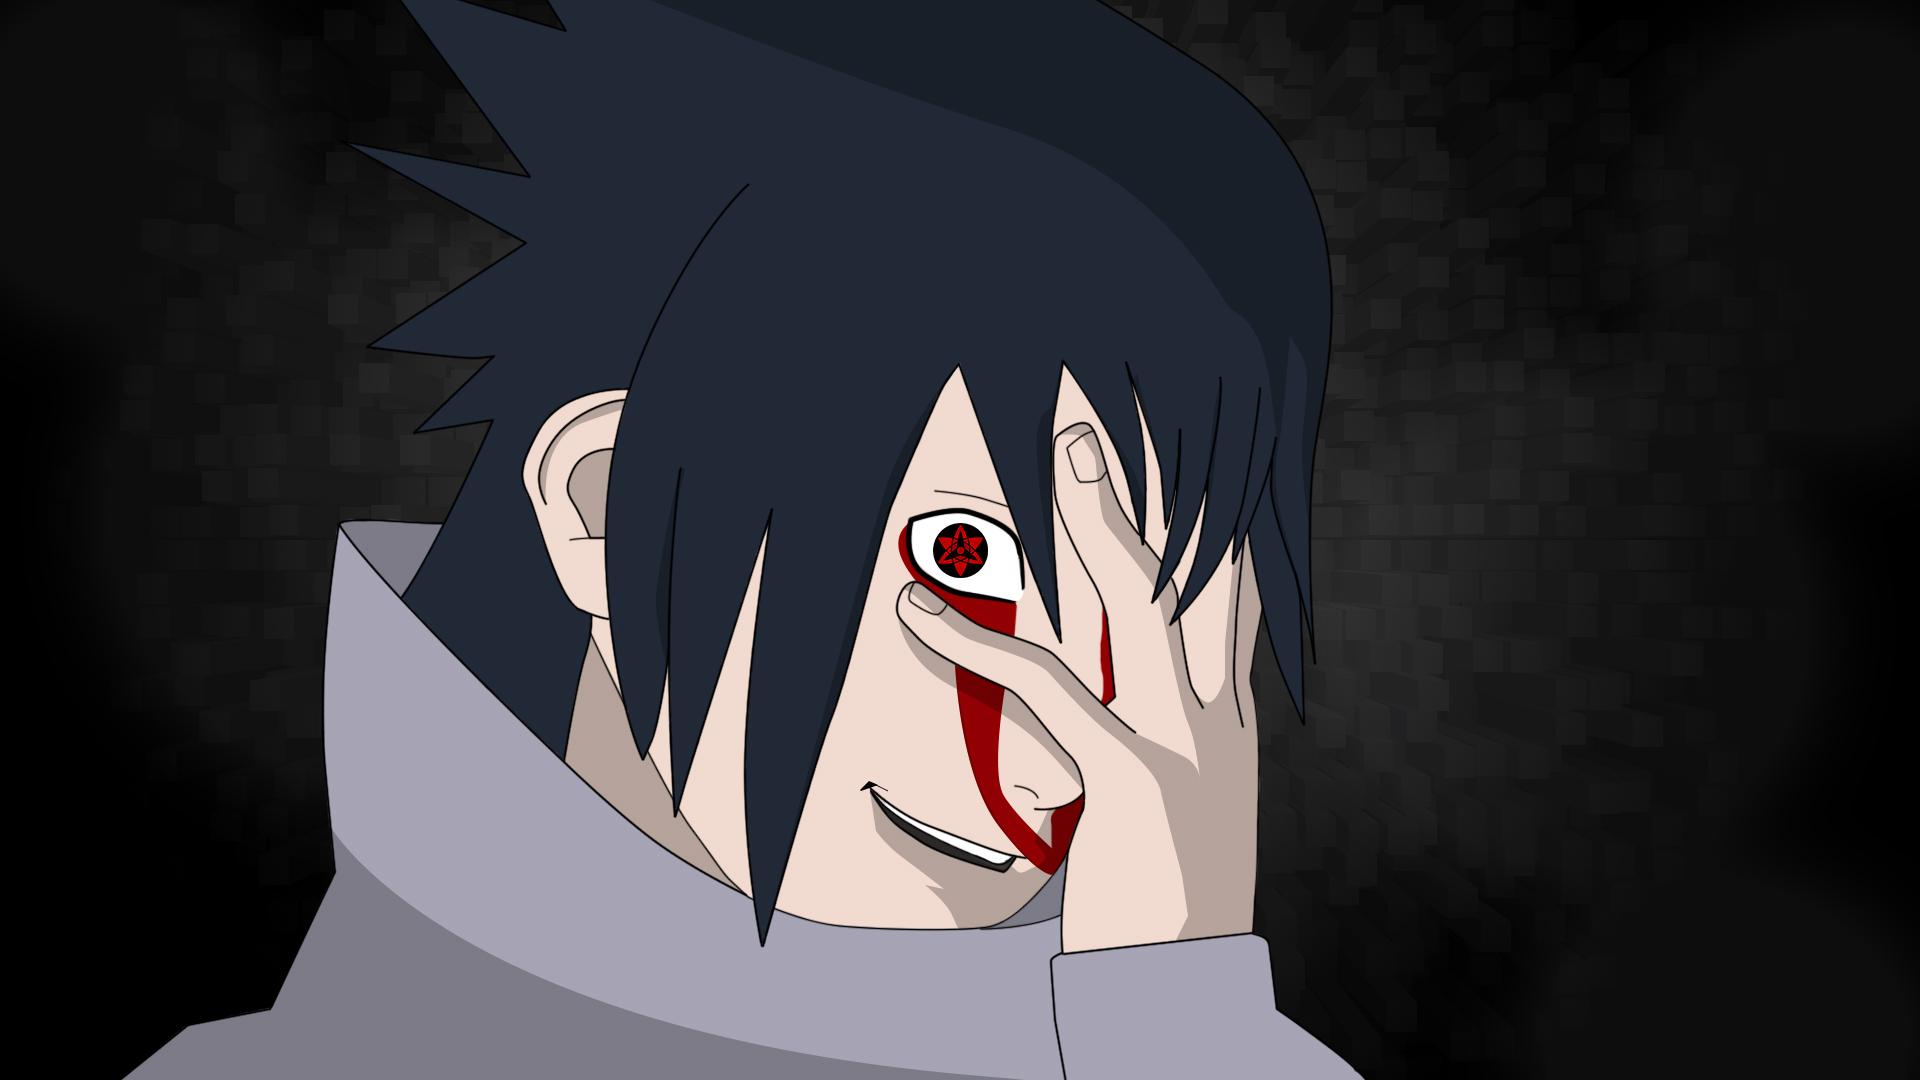 Free Download Naruto Sasuke Uchiha Computer Wallpapers